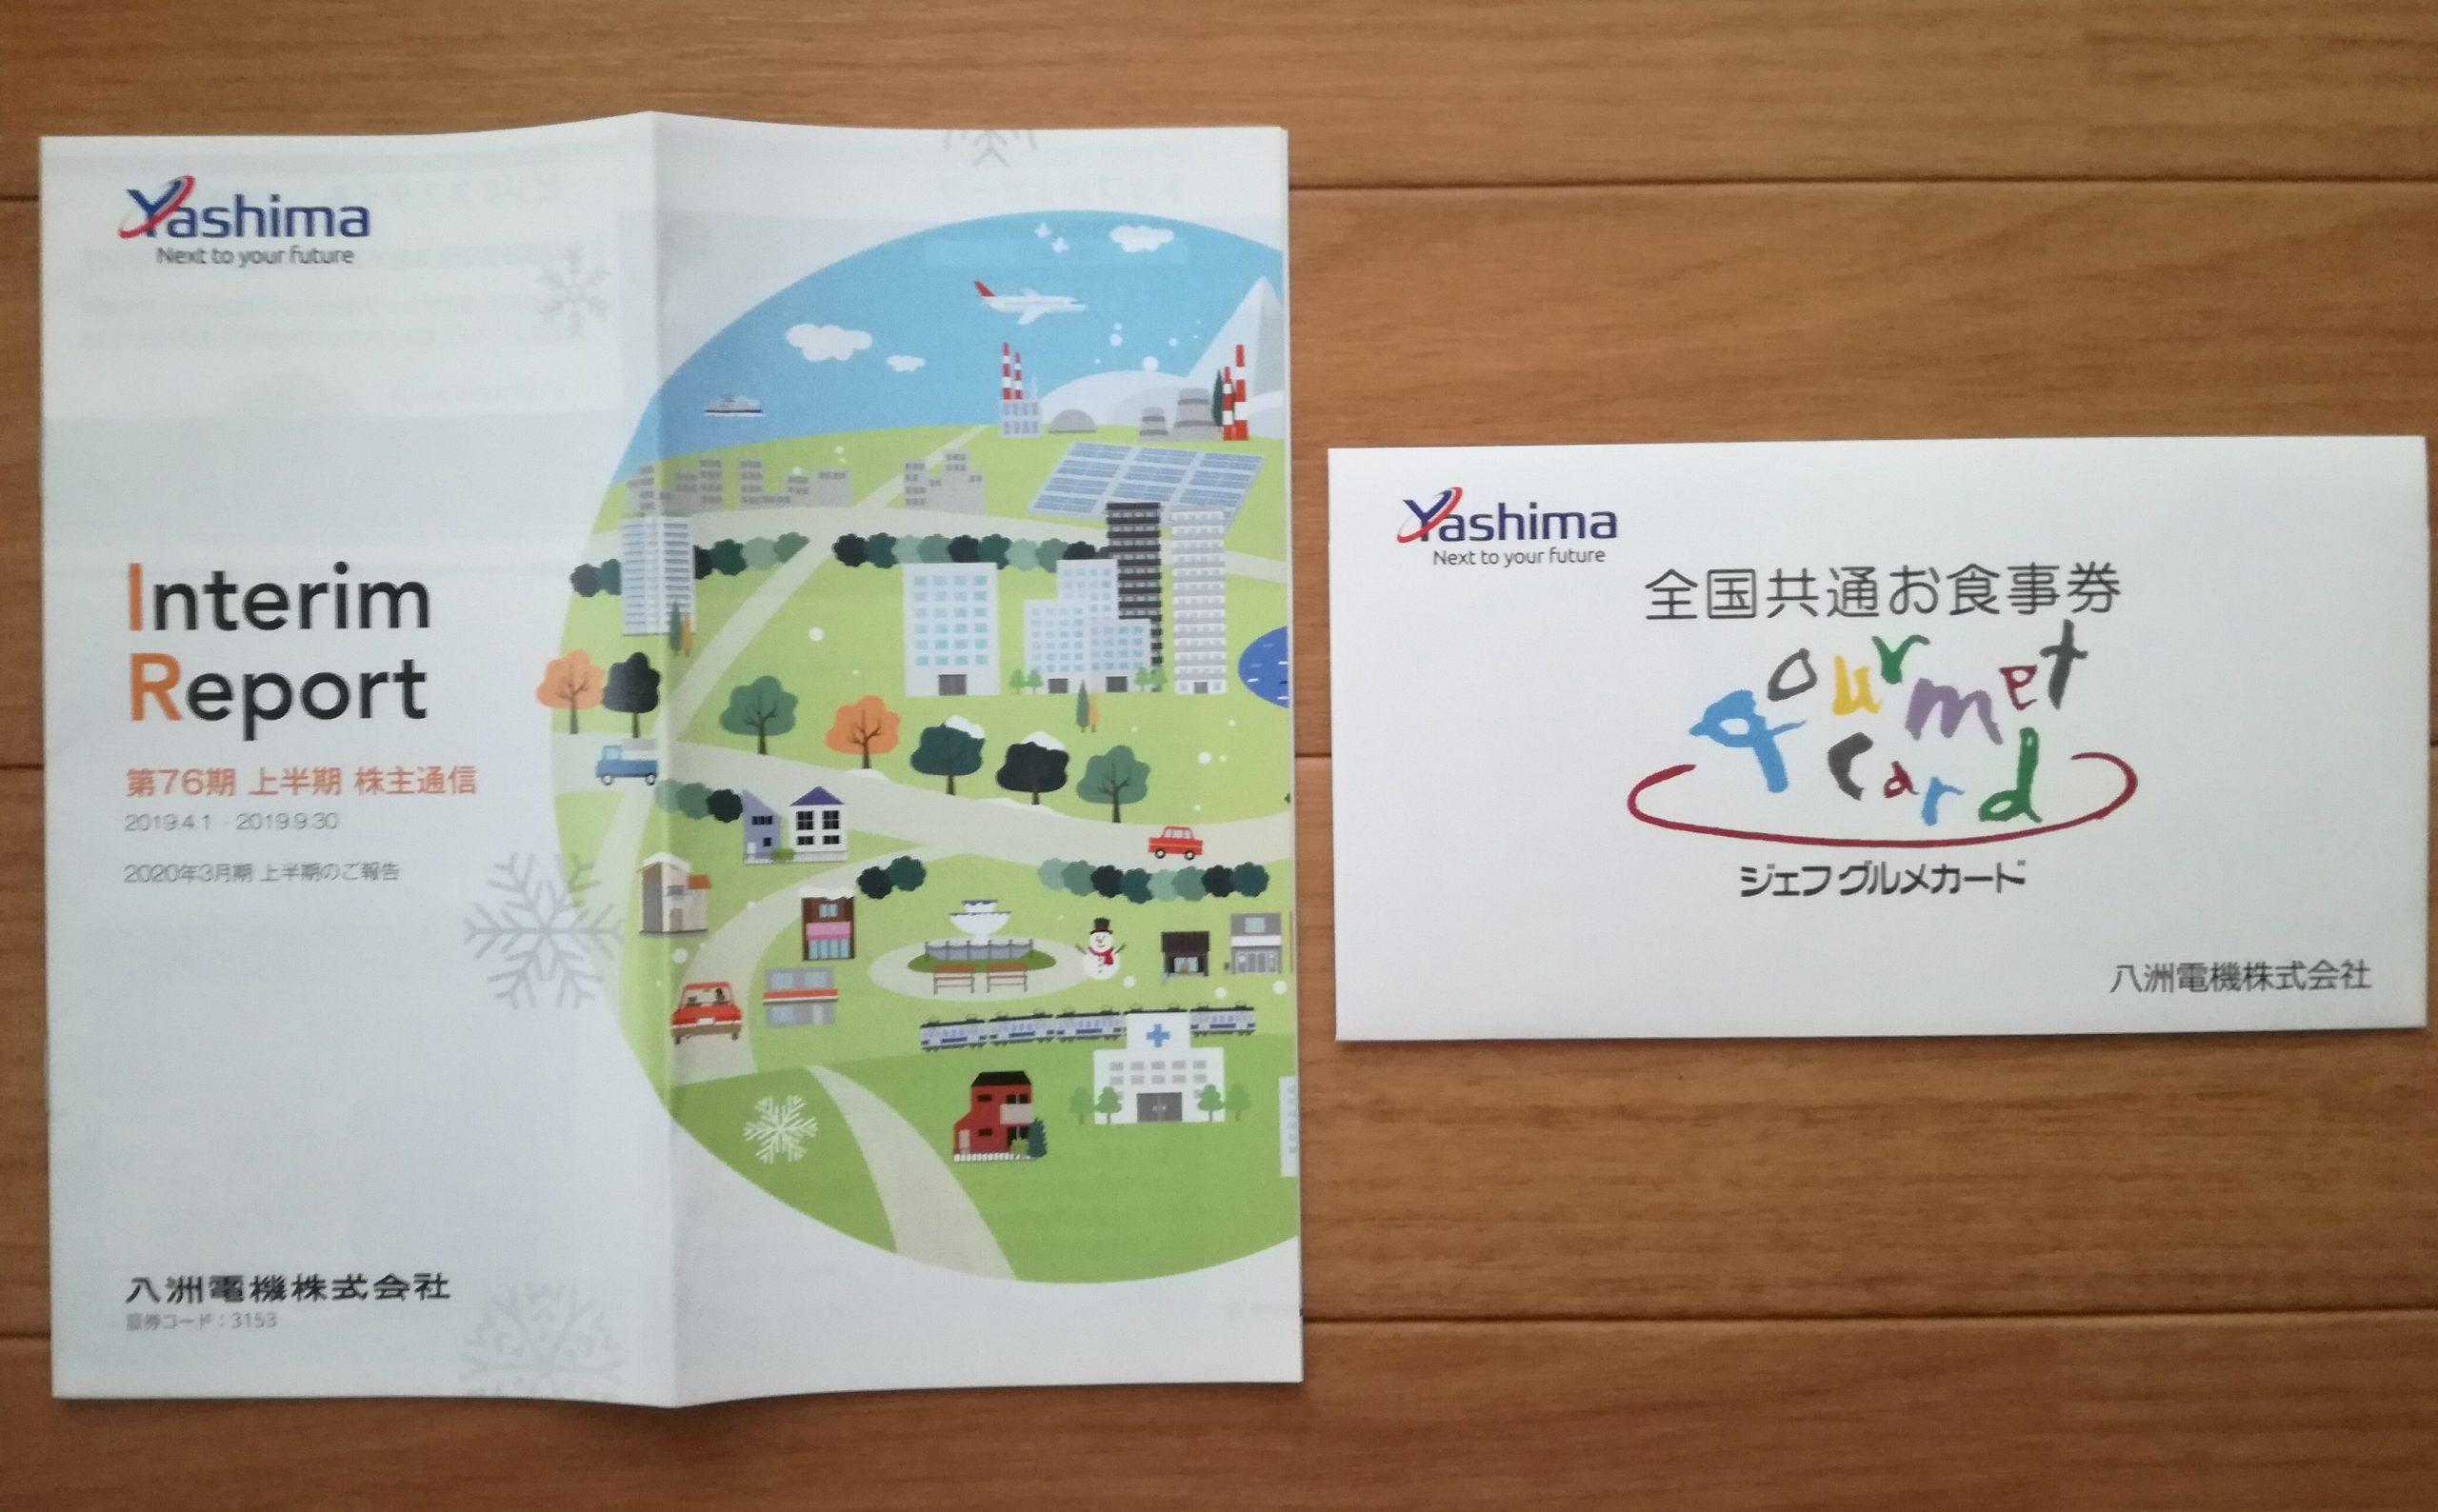 八 洲 電機 株式 会社